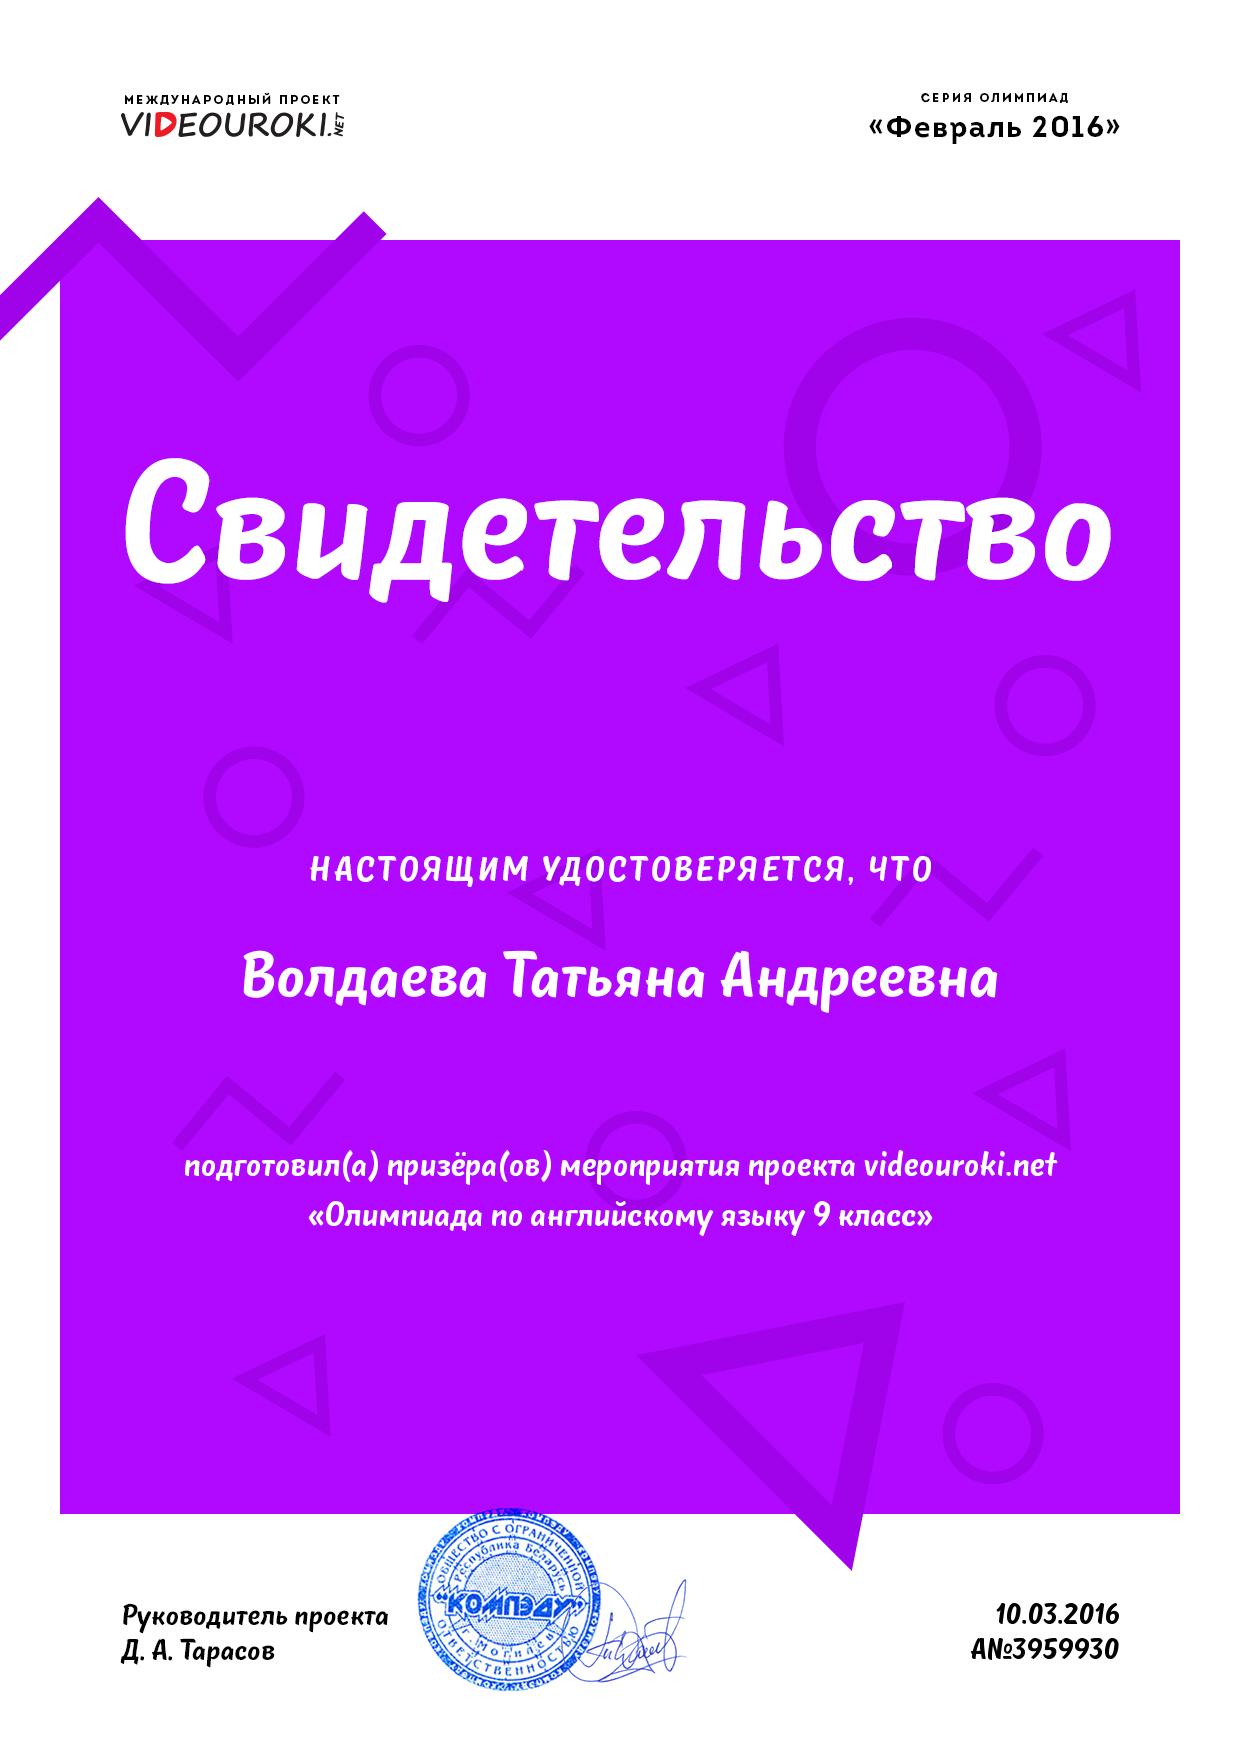 Свидетельство о подготовке победителя международной олимпиады проекта videouroki.net